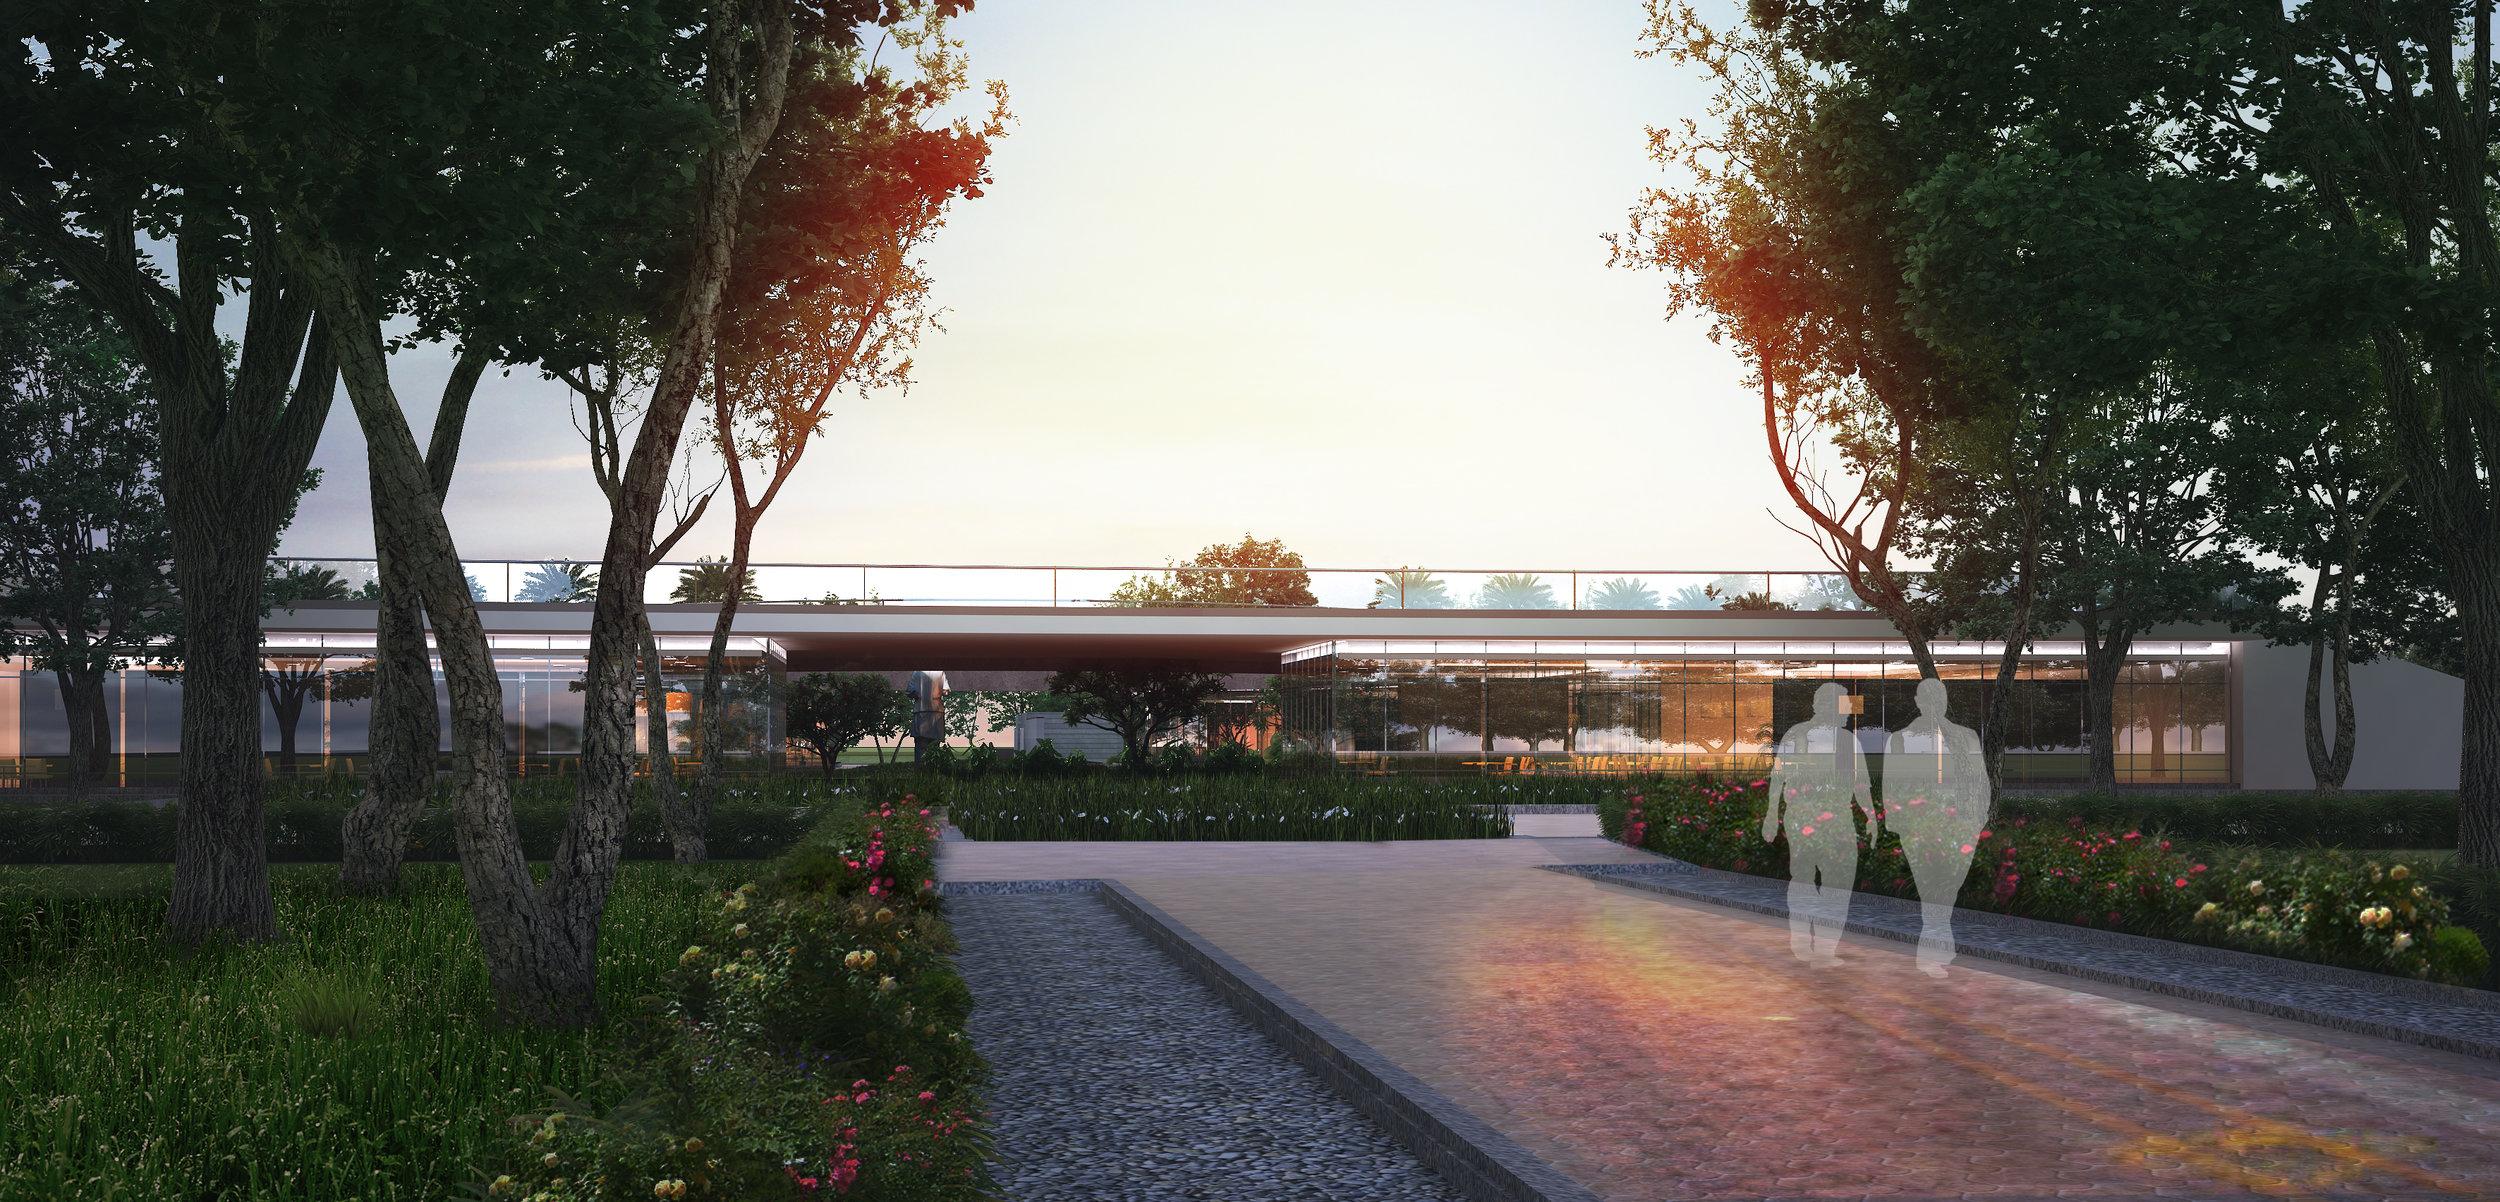 Ficus-landscape-bangalore-urban park-public-MH-03